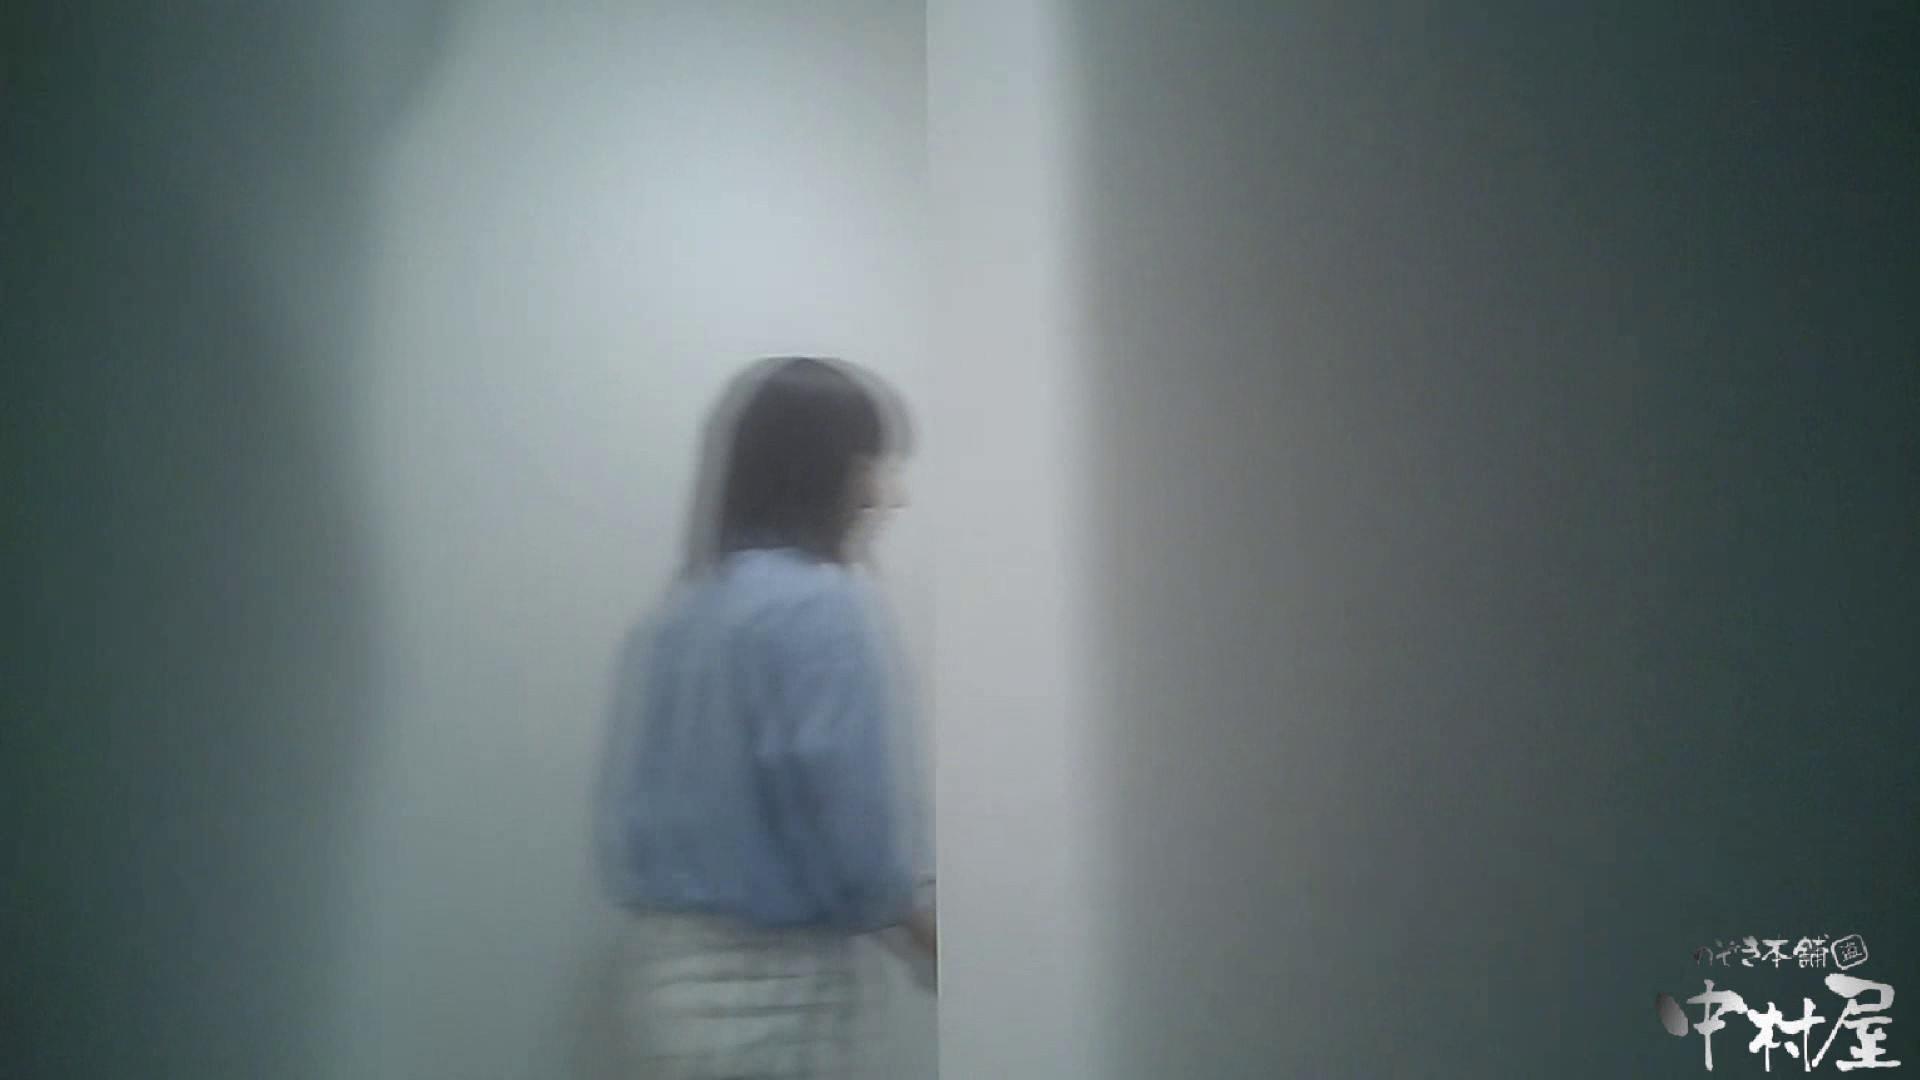 【某有名大学女性洗面所】有名大学女性洗面所 vol.43 いつみても神秘的な世界です。 和式 | 投稿  87pic 40